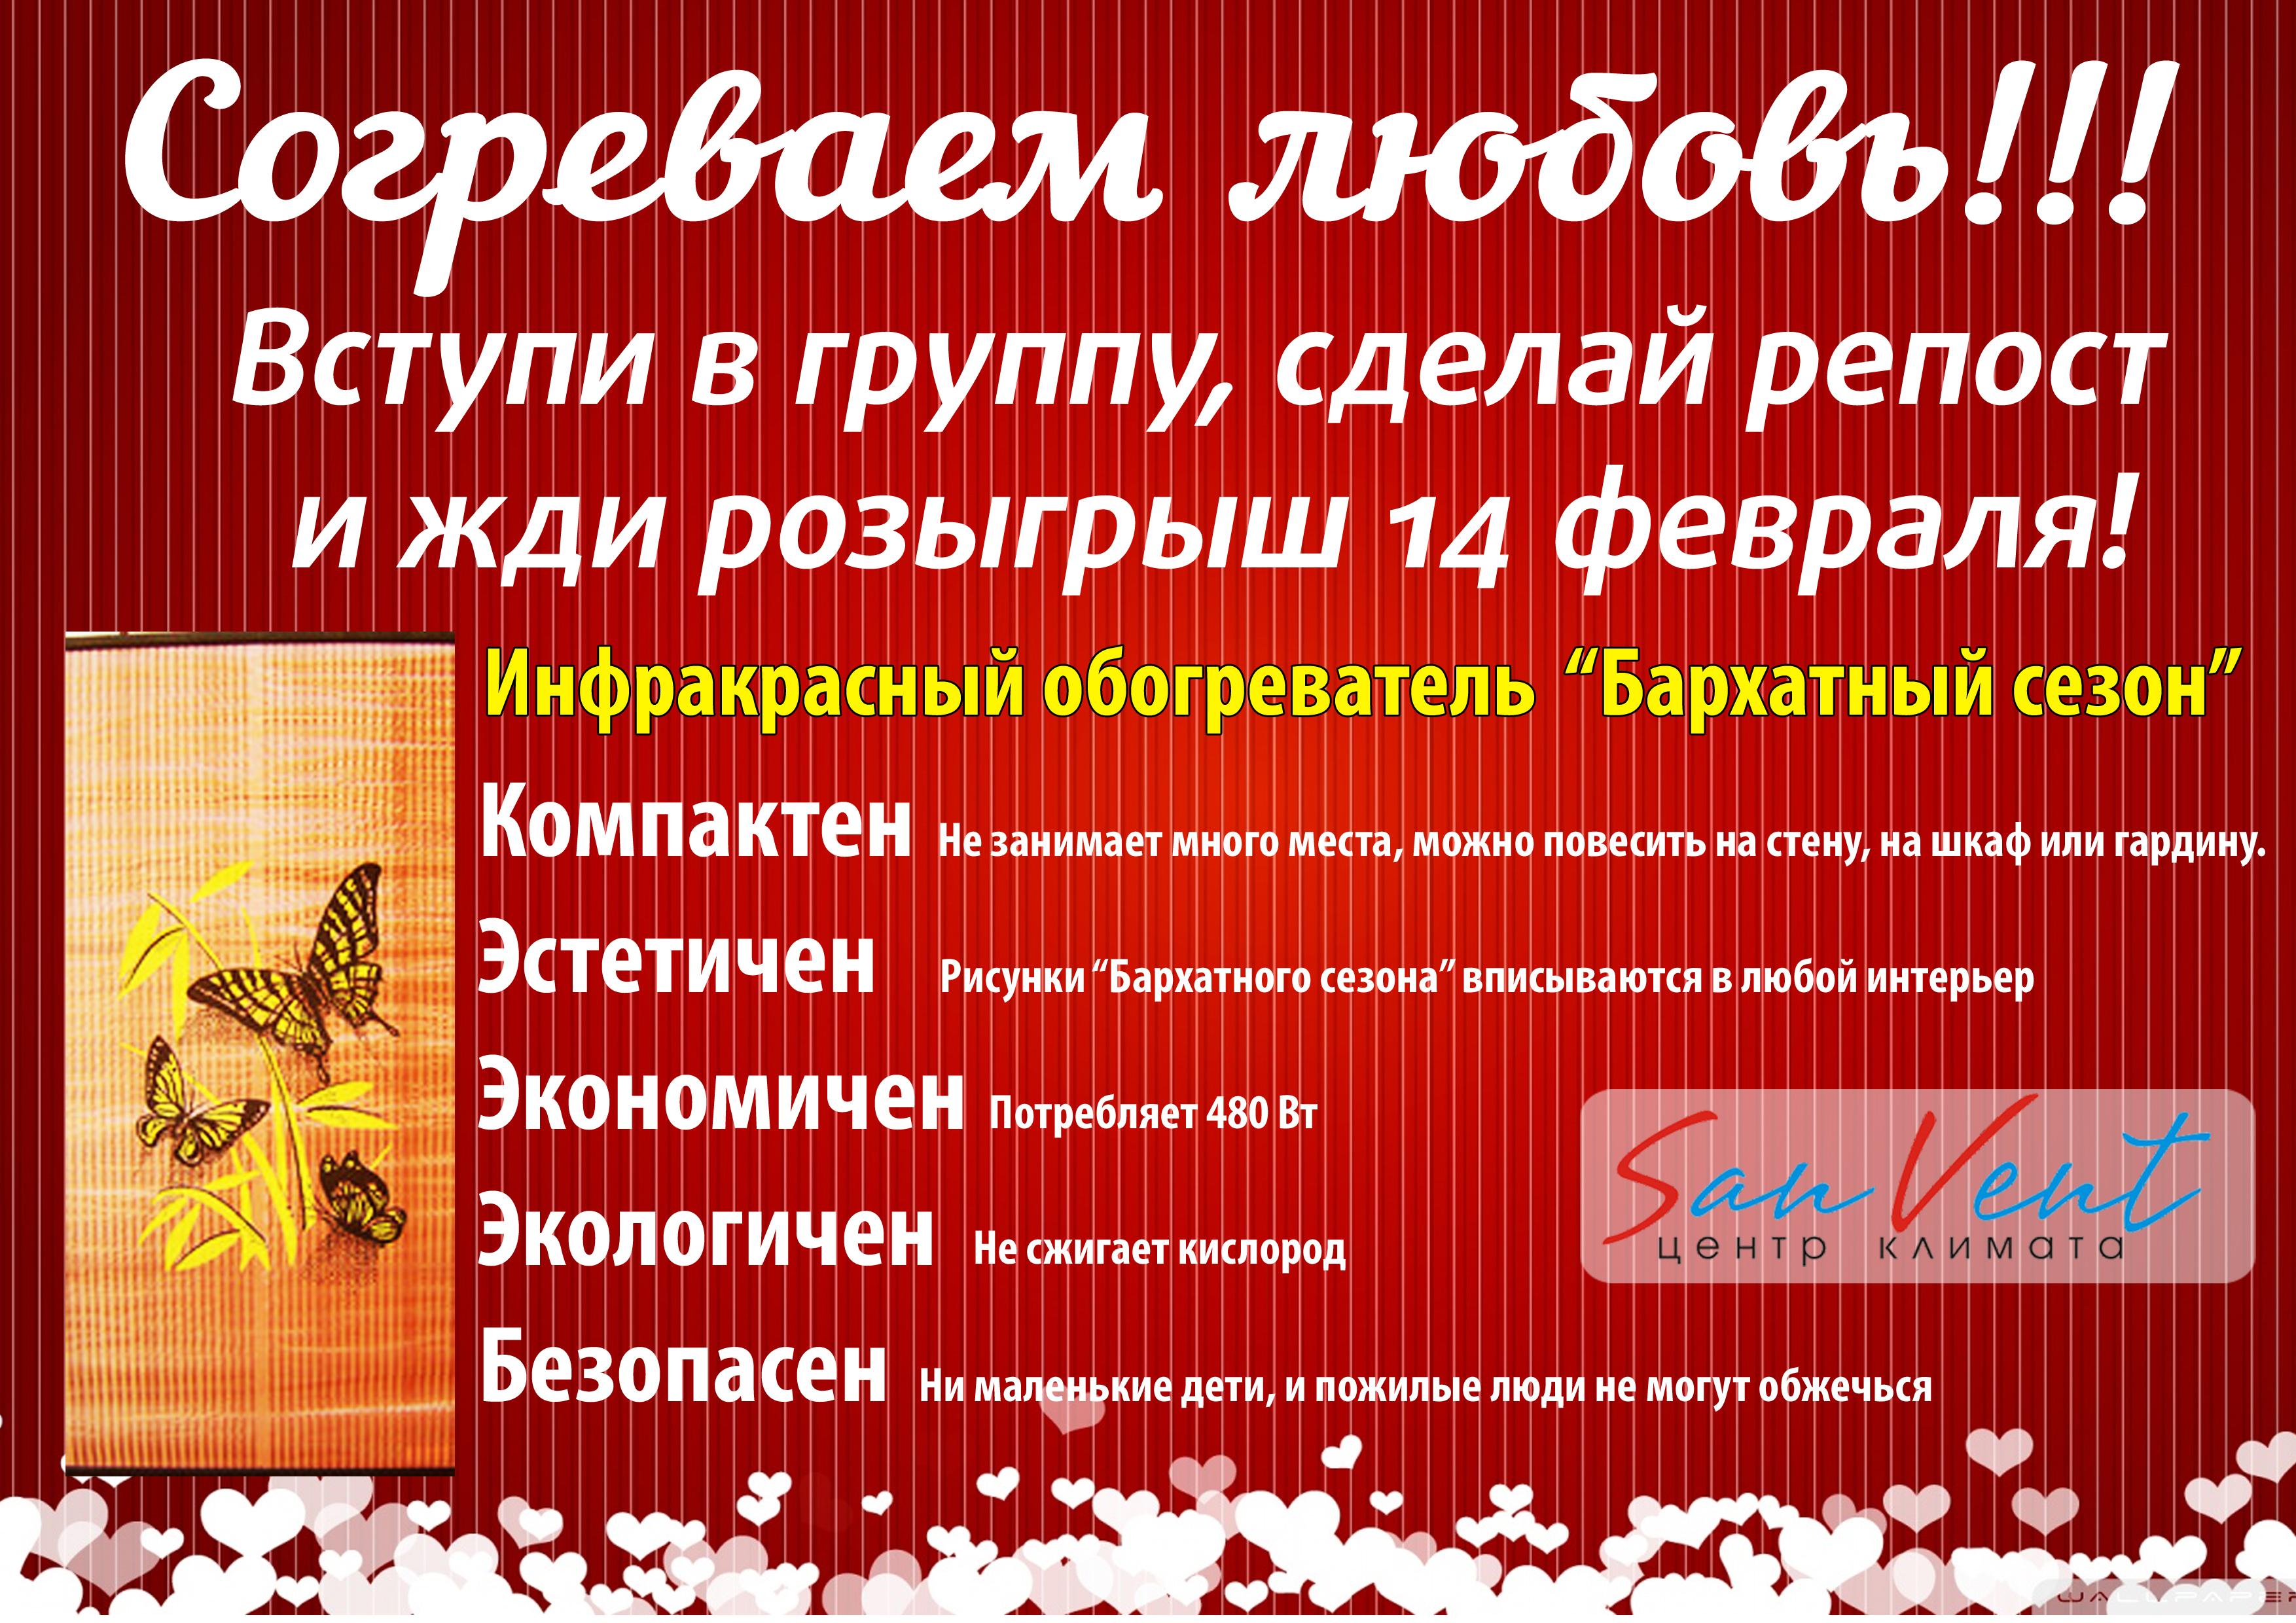 Хочешь Бархатный сезон бесплатно?! Прими участие в конкурсе